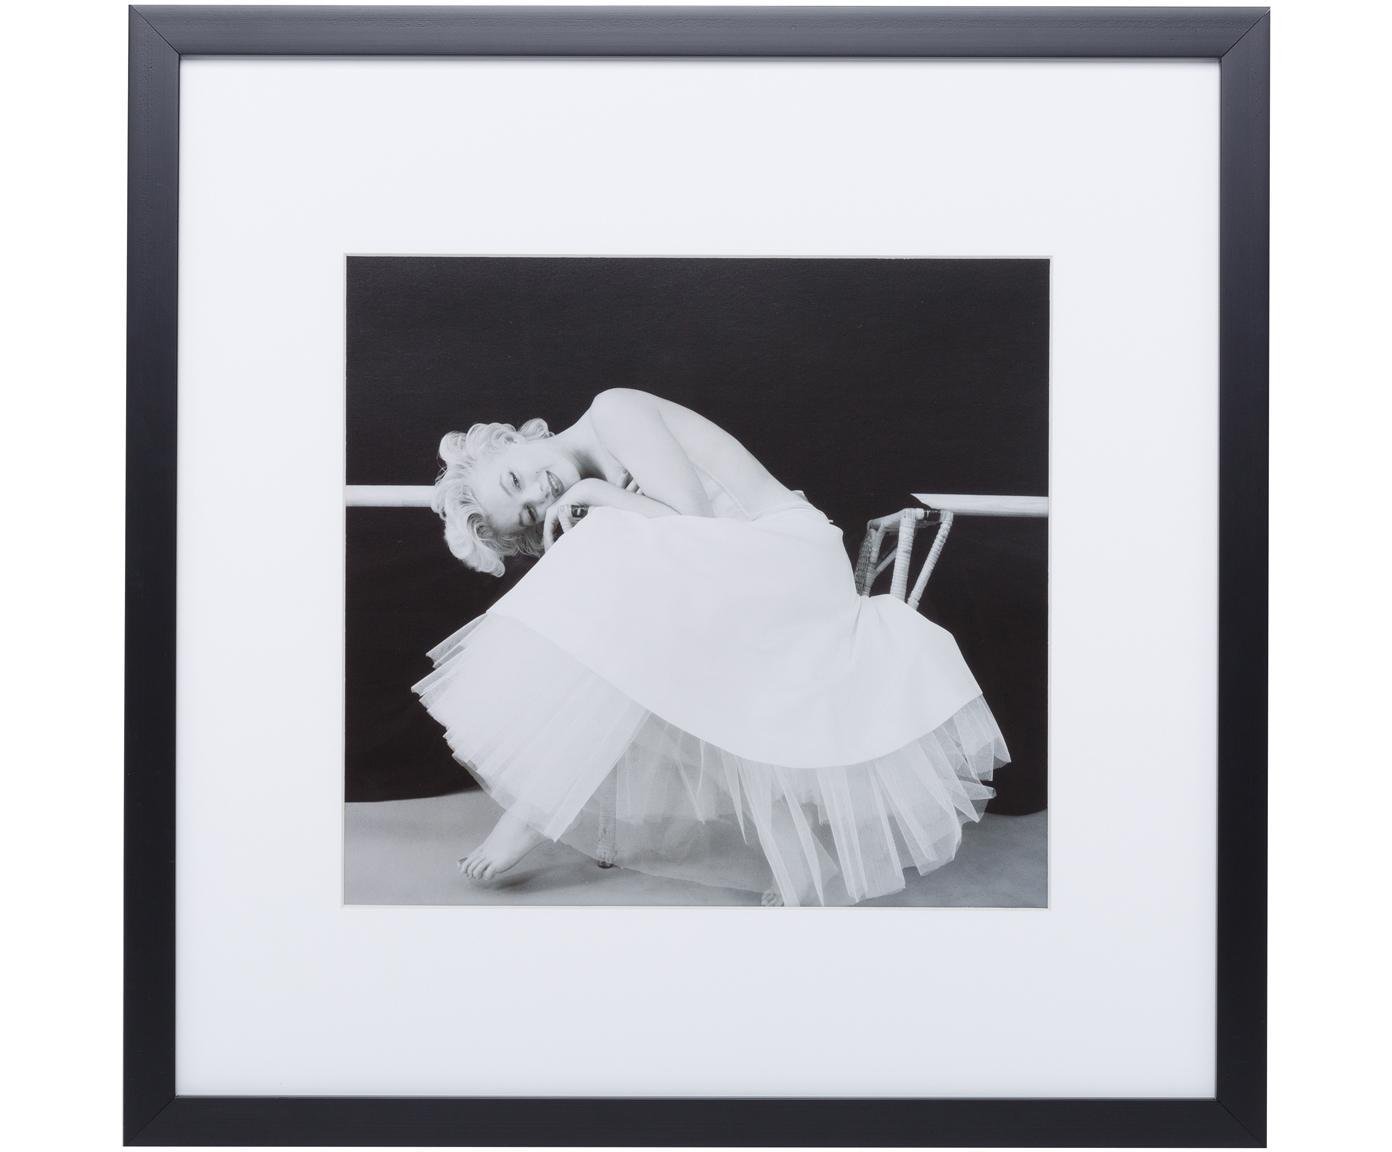 Gerahmter Digitaldruck Dancing Queen, Bild: Digitaldruck, Rahmen: Kunststoff, Front: Glas, Bild: Schwarz, Weiß<br>Rahmen: Schwarz, 40 x 40 cm